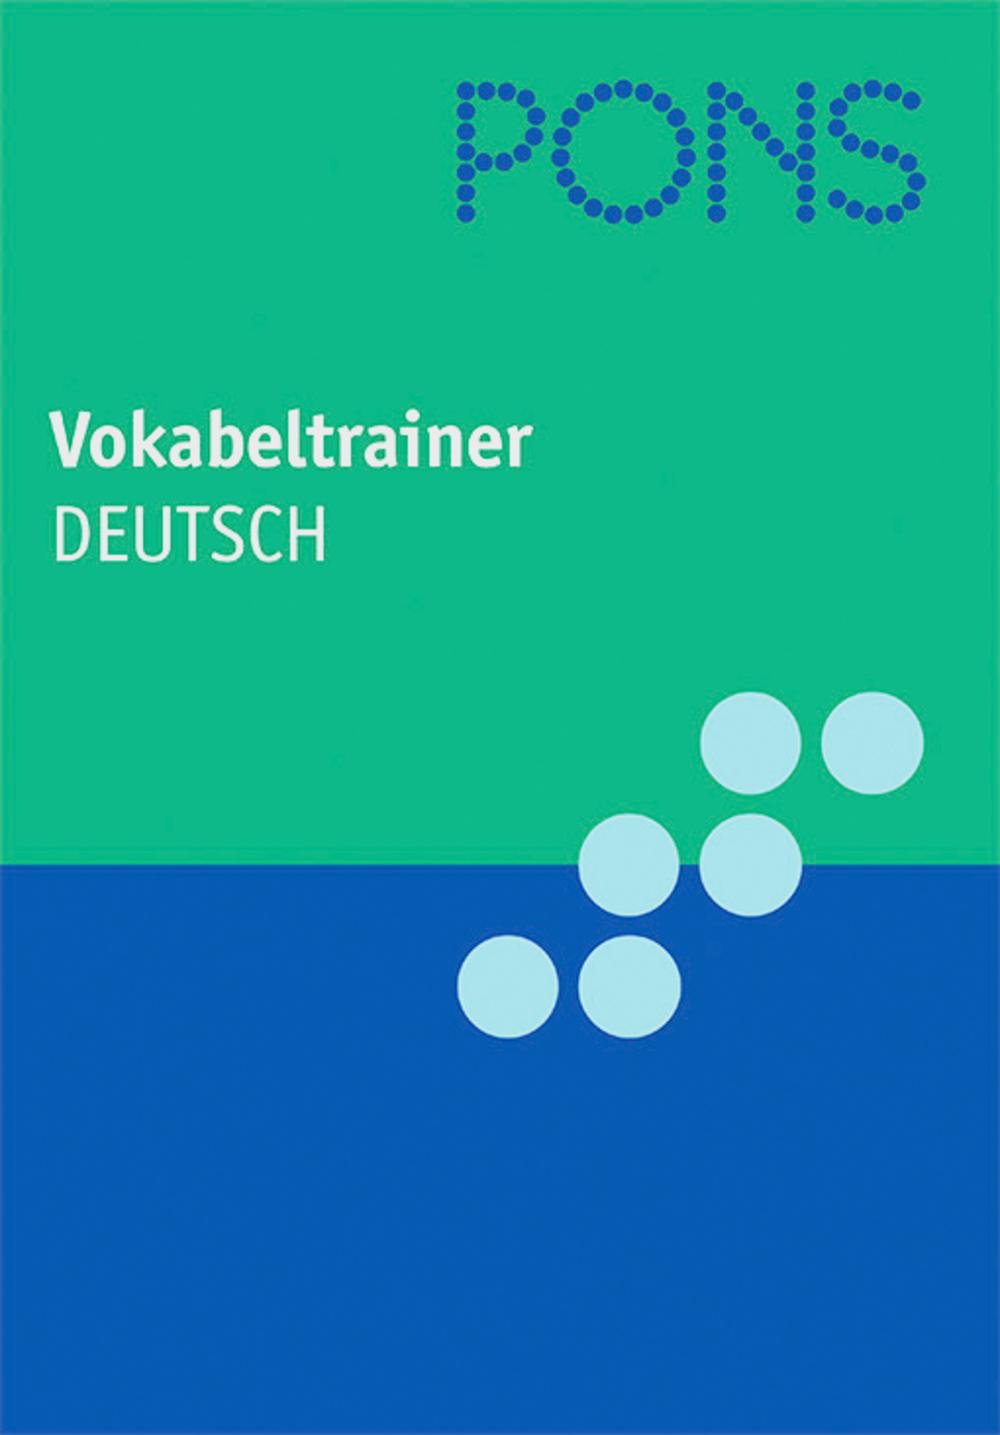 PONS Vokabeltrainer Deutsch: In 99 Kapiteln mit...